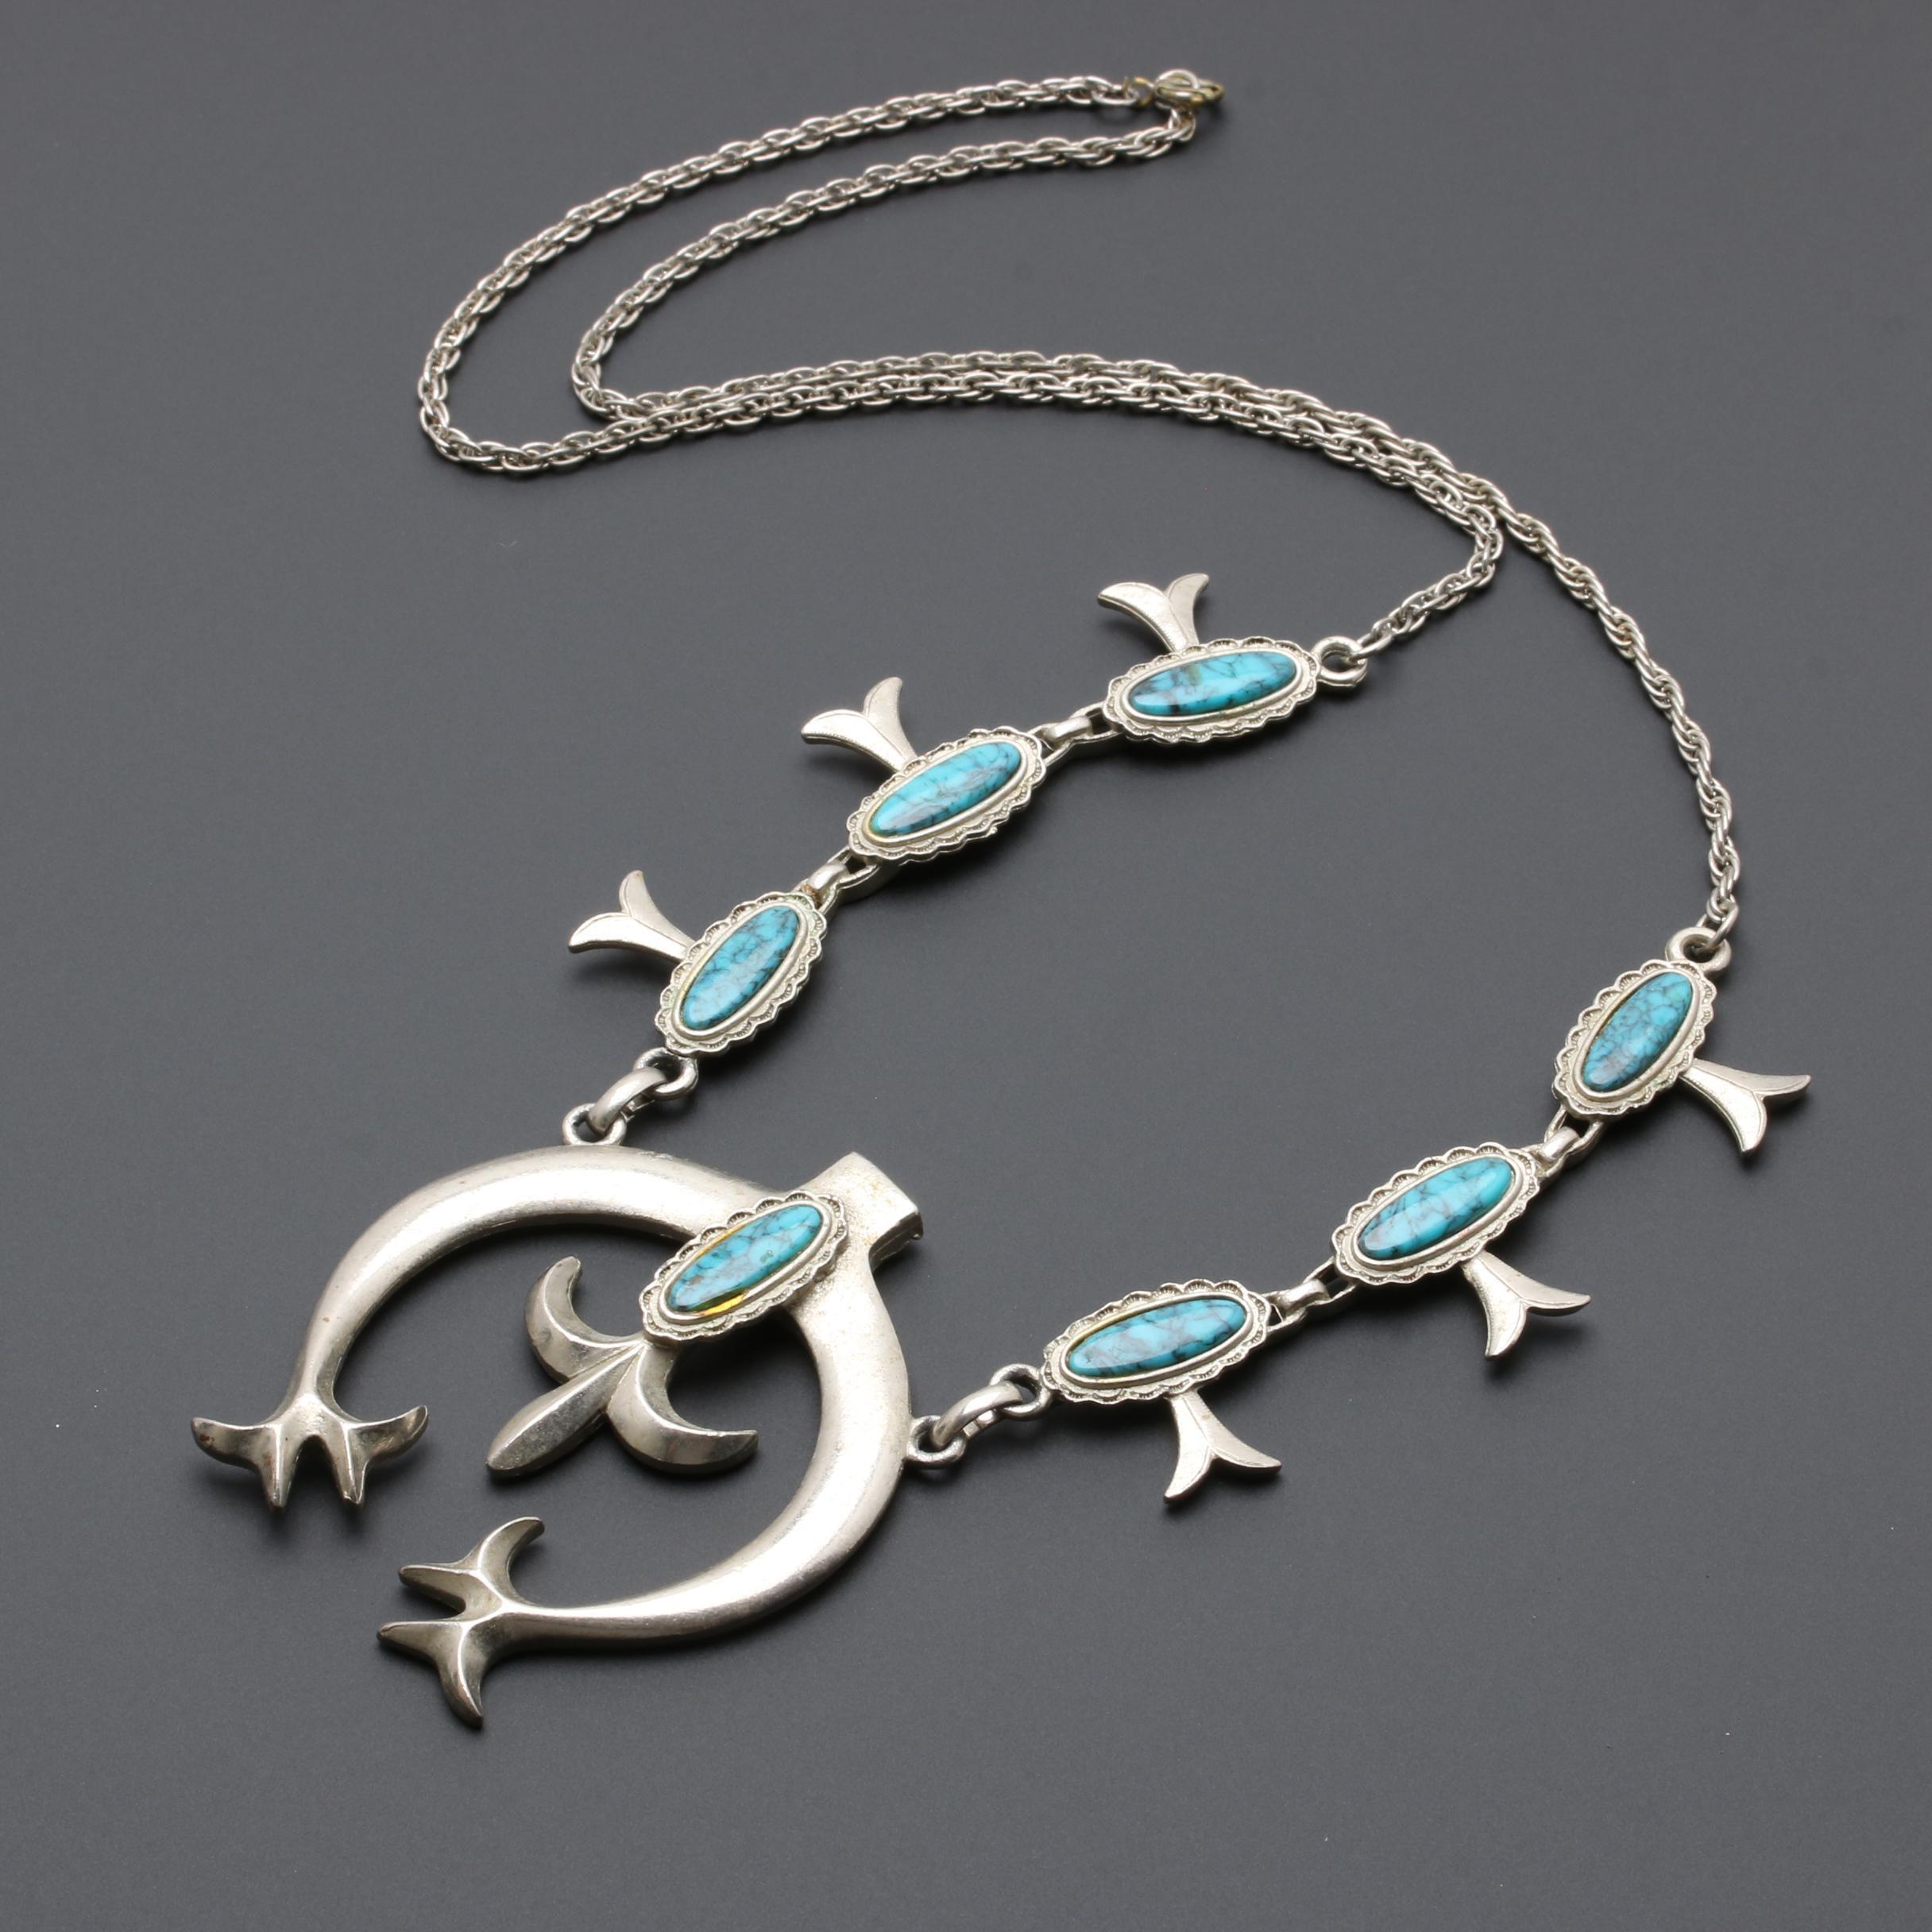 Southwestern Style Silver Tone Imitation Turquoise Squash Blossom Necklace